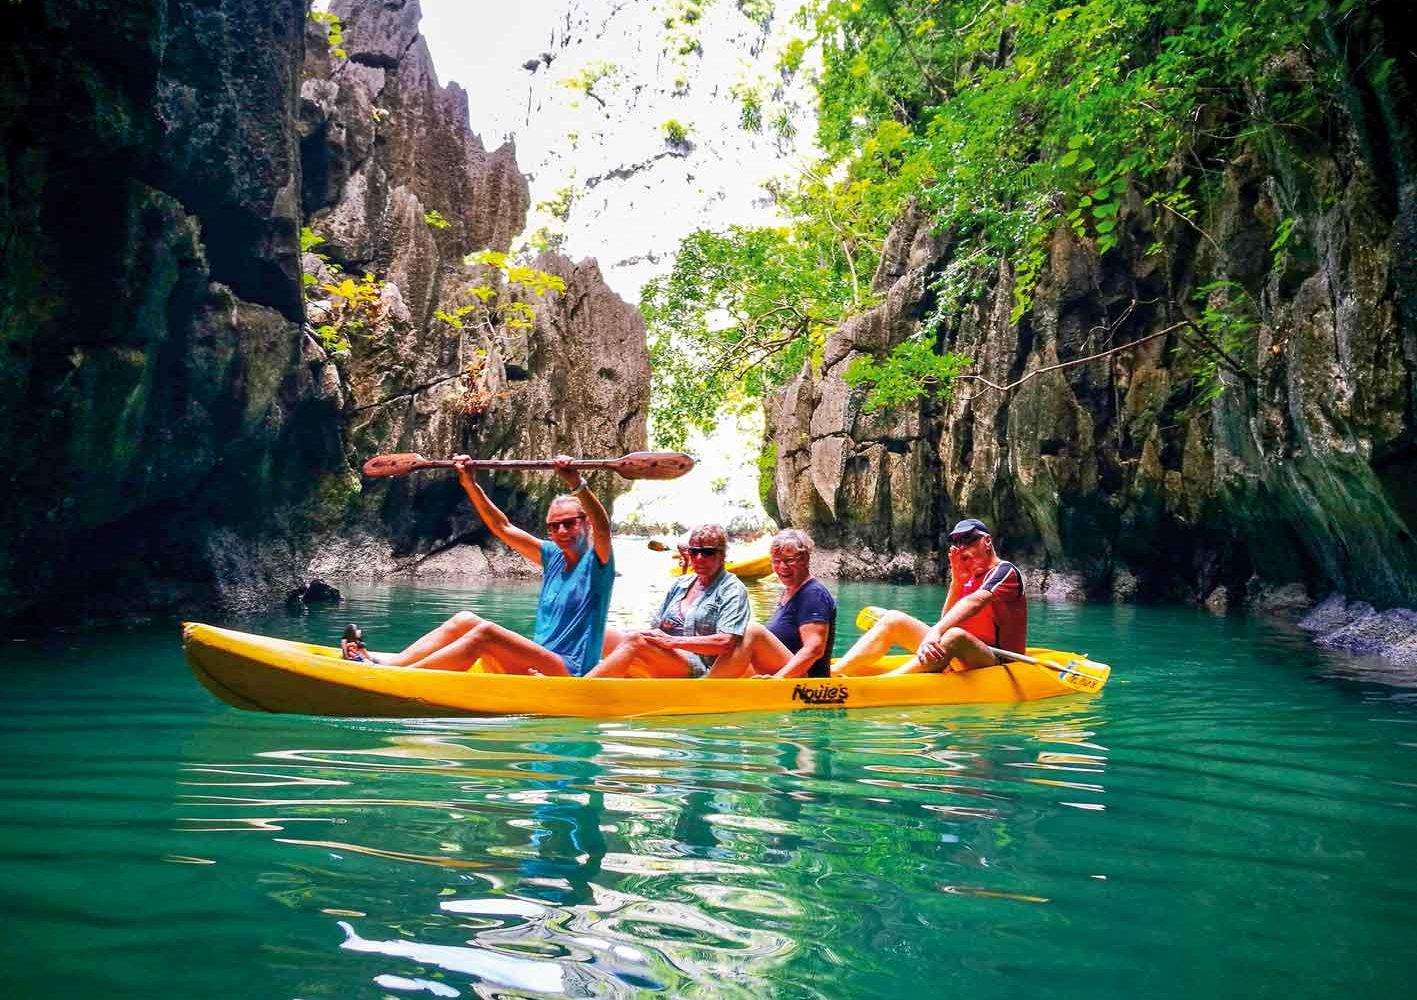 Südsee-Stimmung und Island Hopping auf Palawan, Philippinen